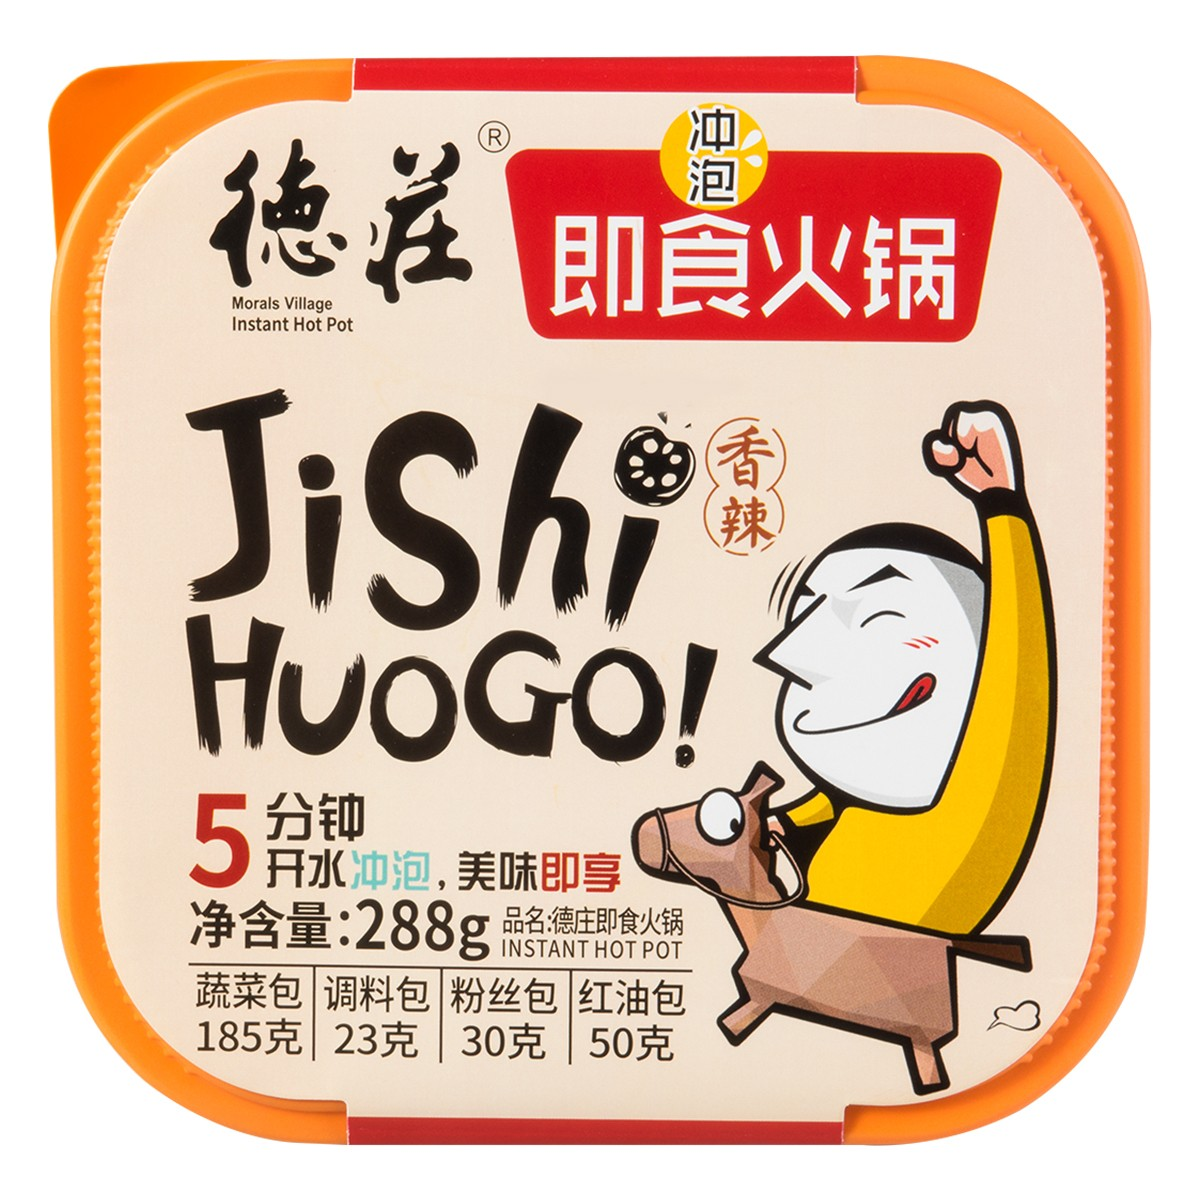 重庆德庄 即食火锅 香辣味 288g